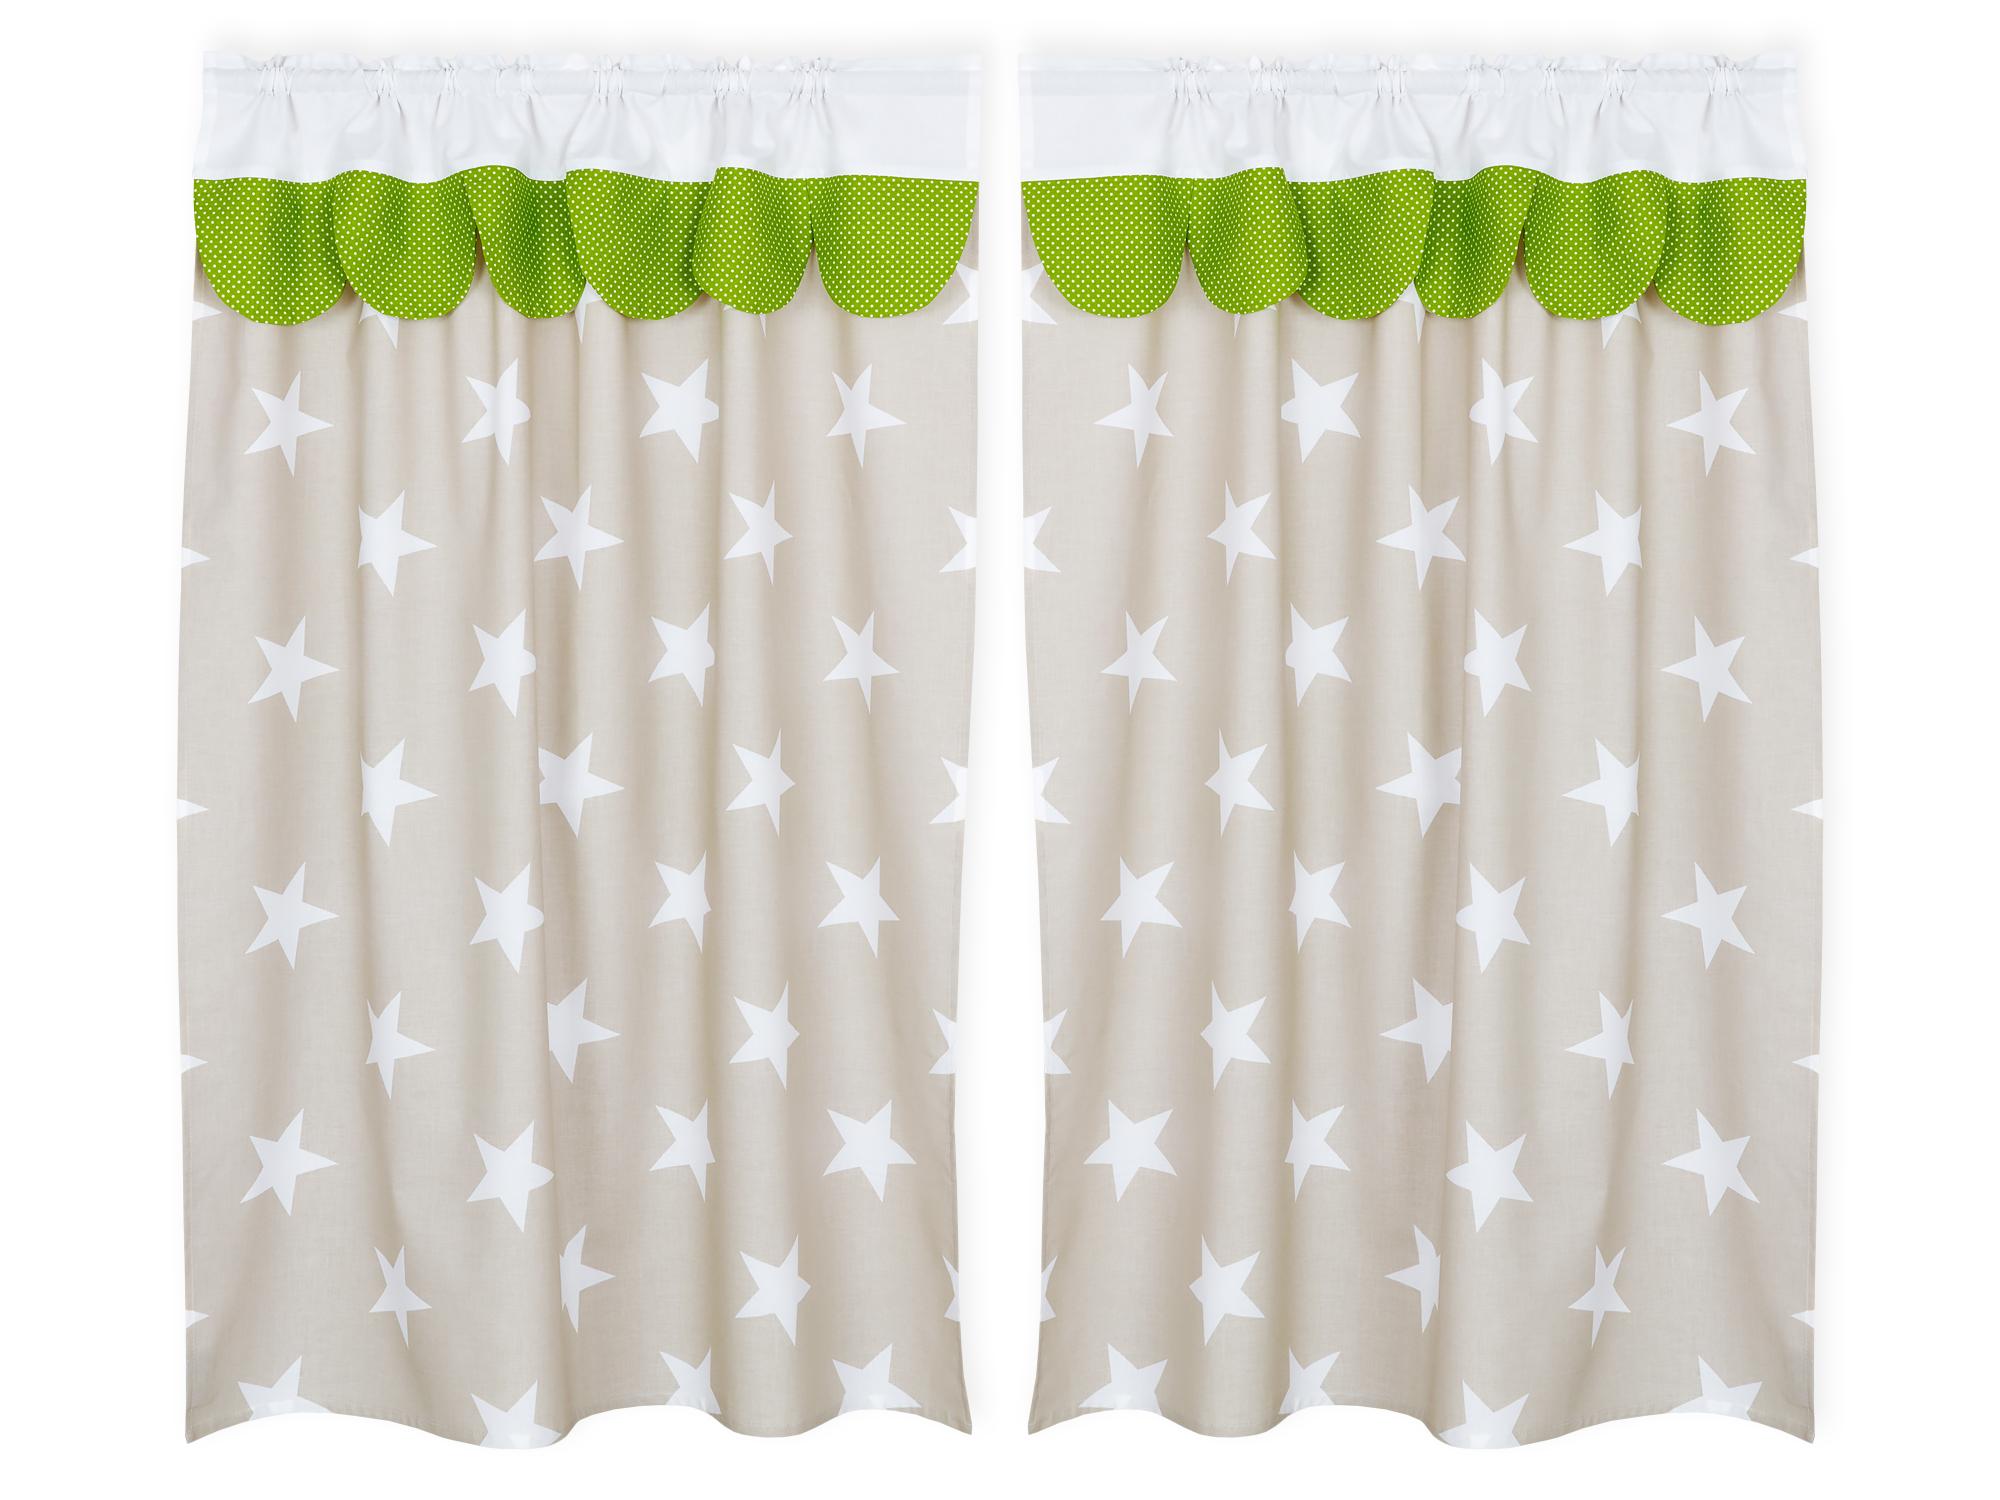 KraftKids Hochbettvorhänge große weiße Sterne auf Beige und weiße Punkte auf Grün Inhalt: 2 Schals